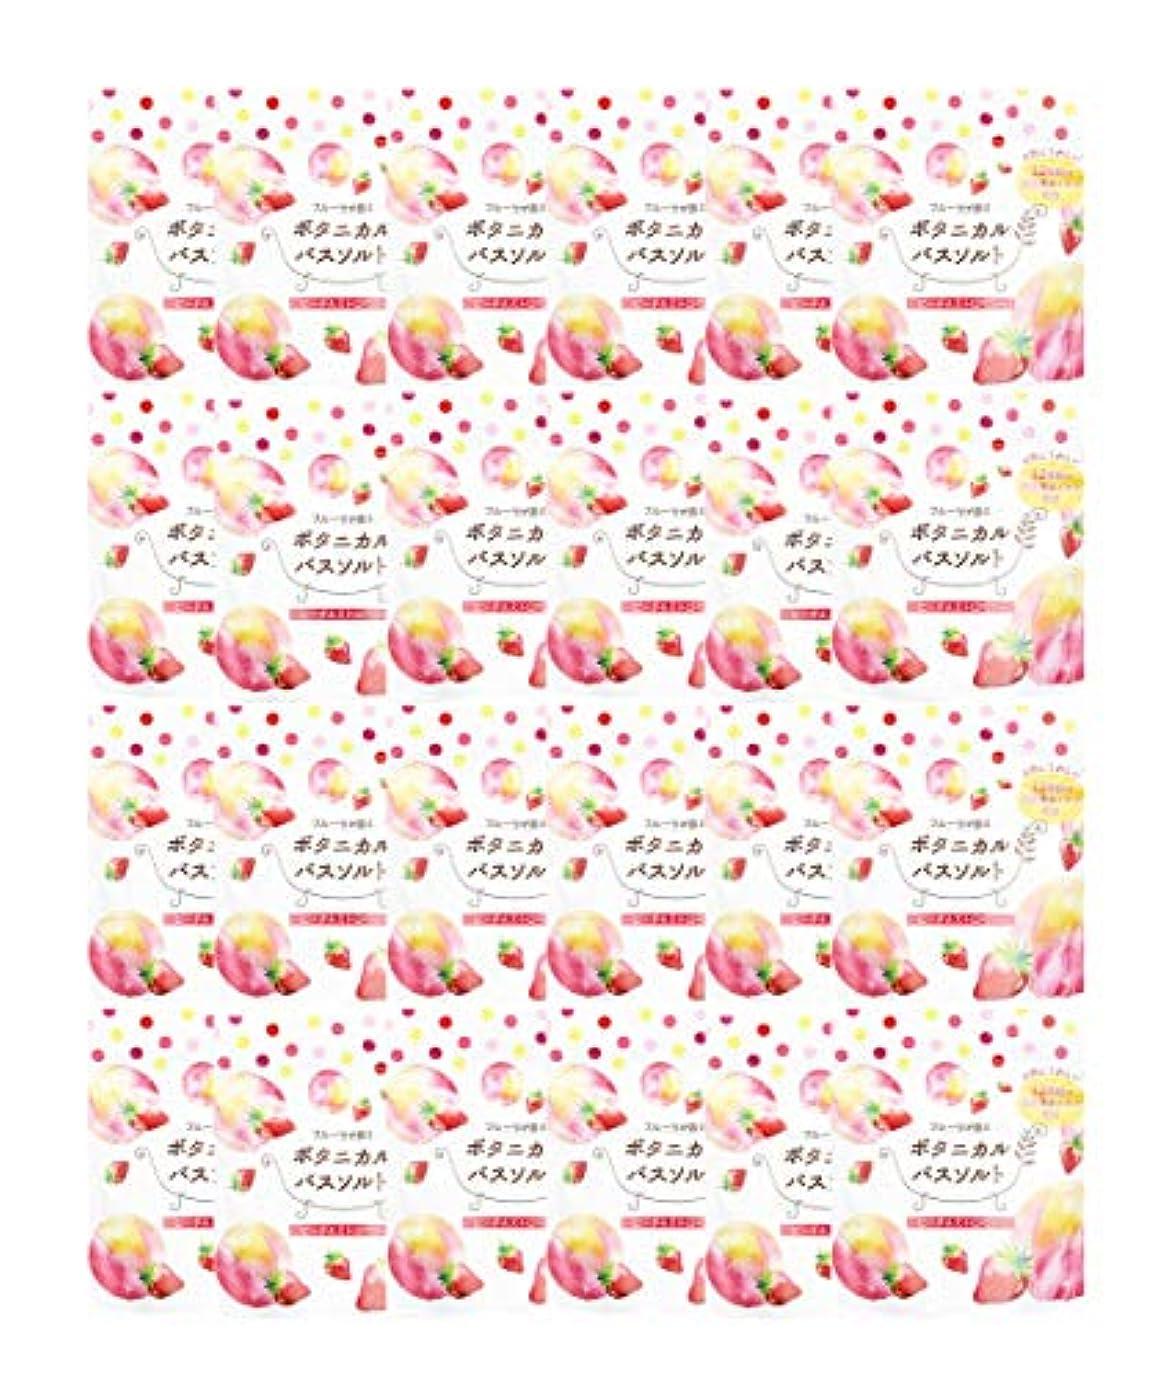 武装解除カバレッジ永久に松田医薬品 フルーツが香るボタニカルバスソルト ピーチ&ストロベリー 30g 24個セット